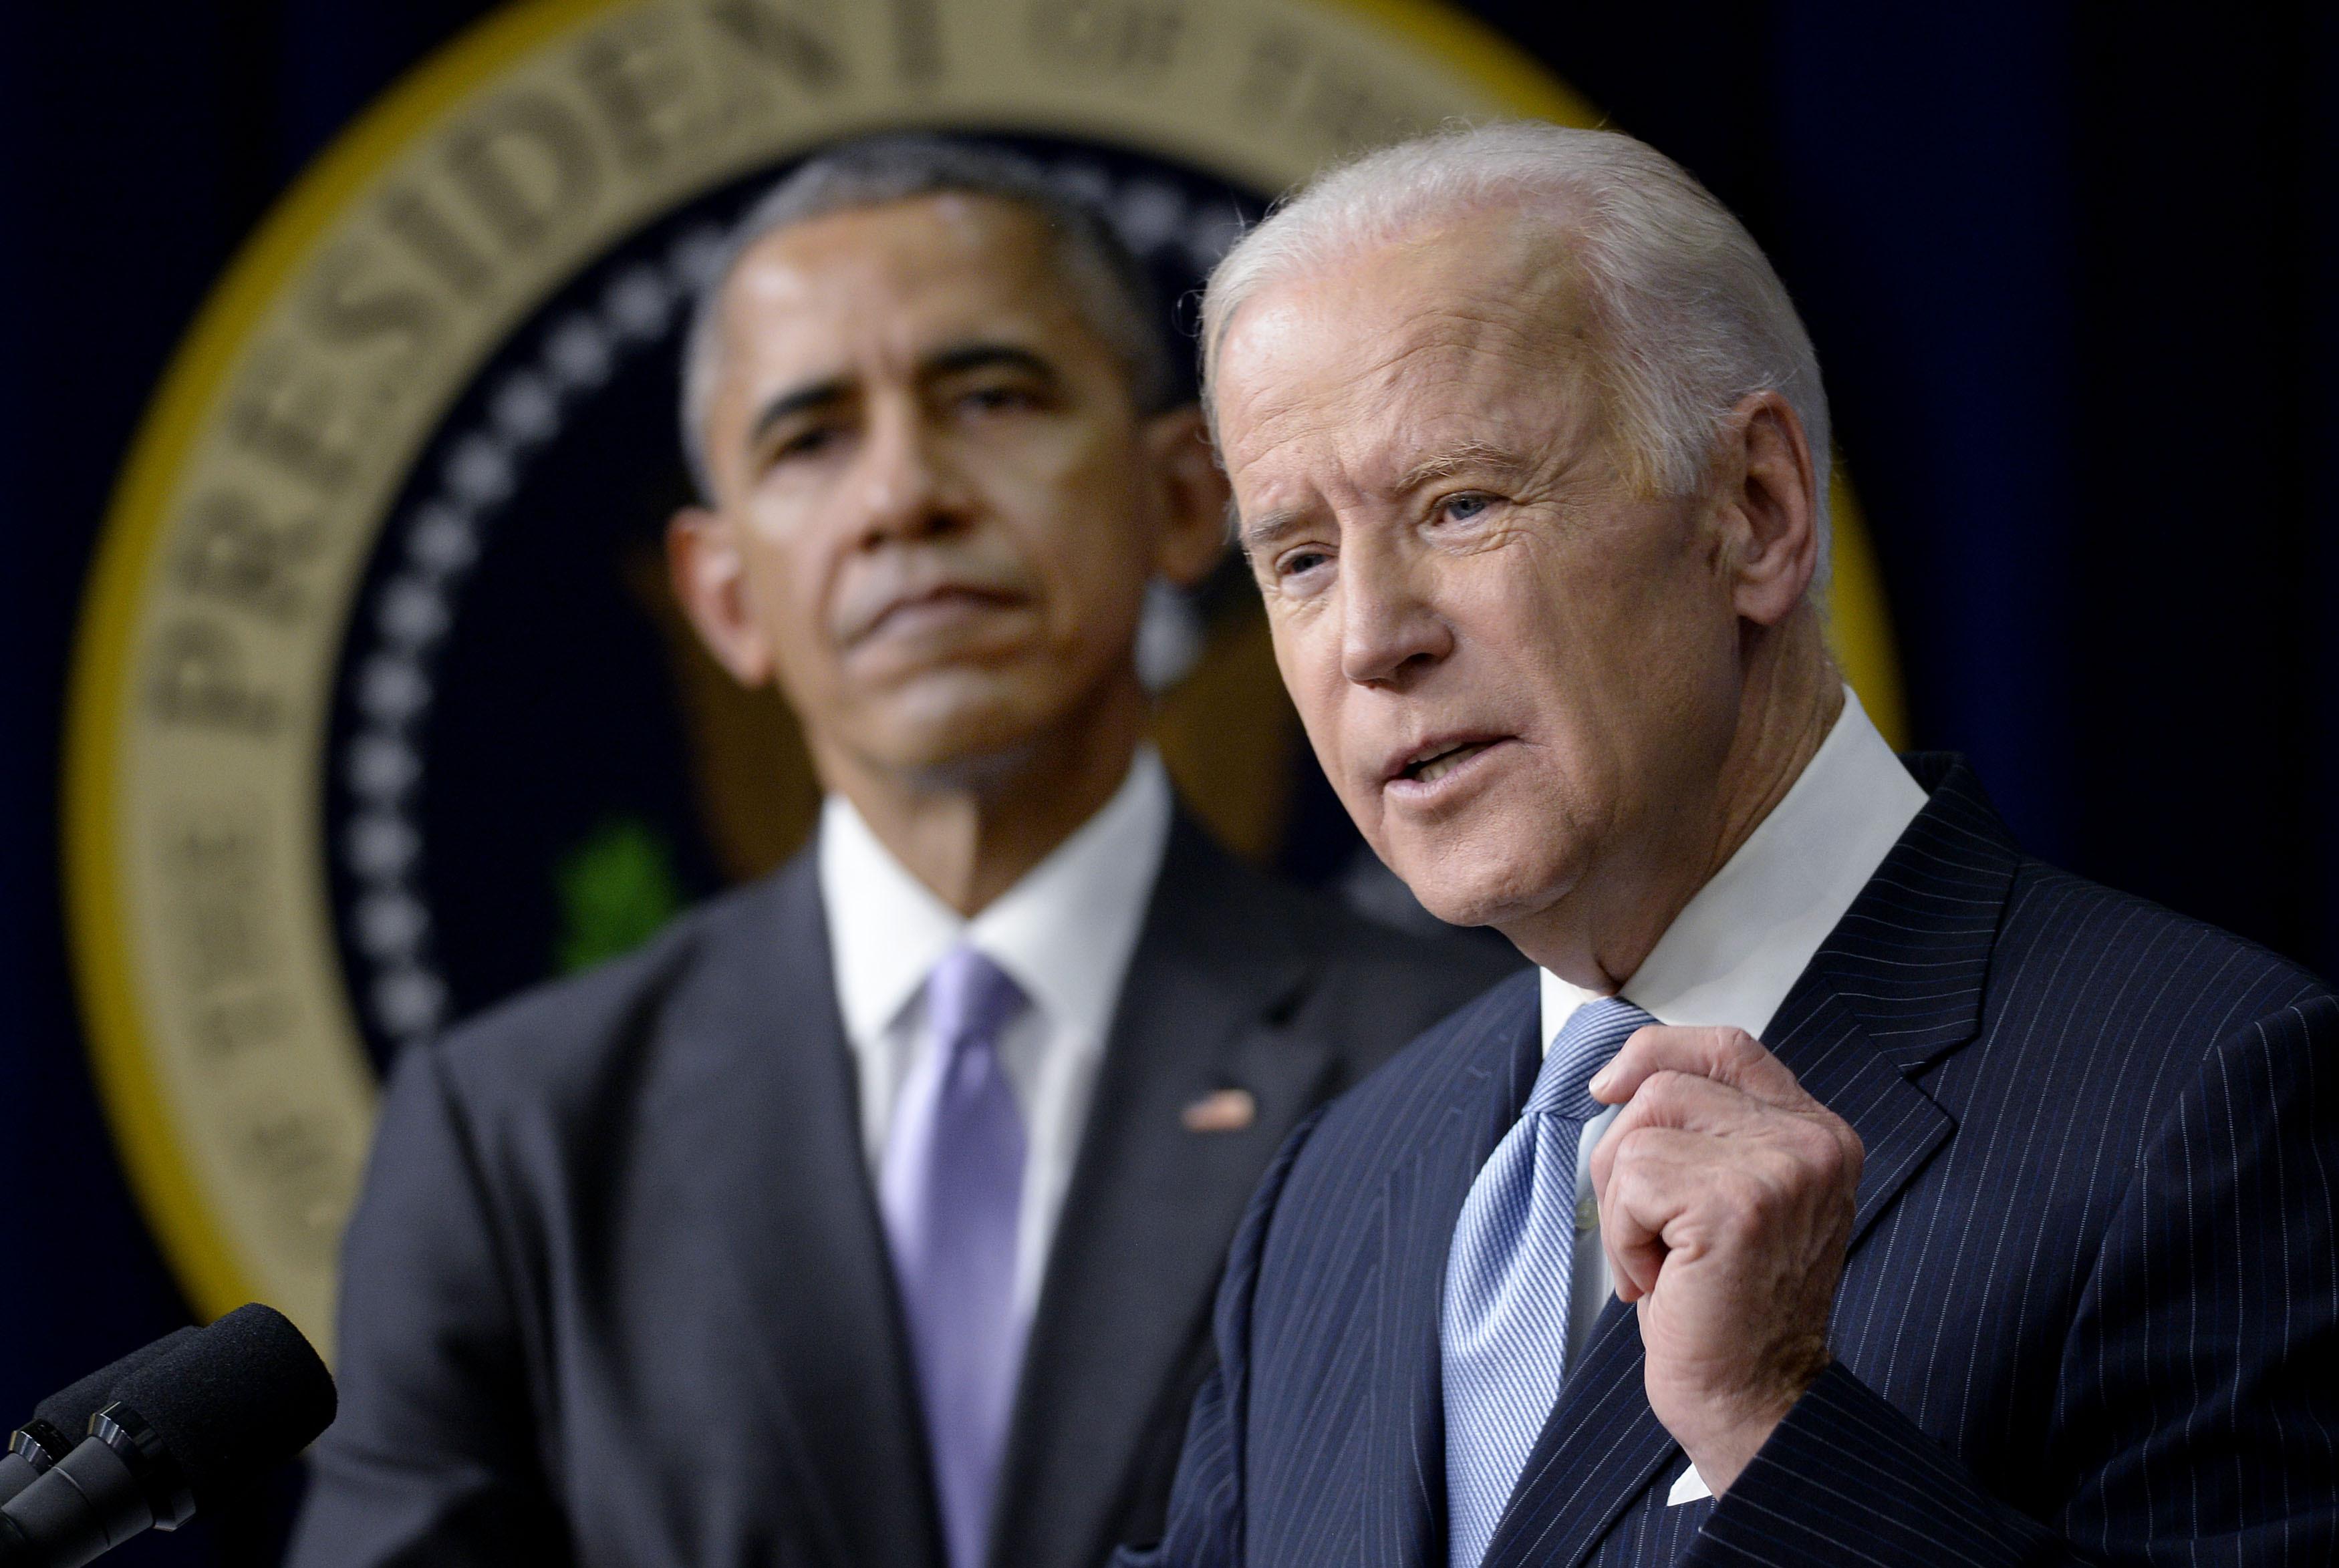 Joseph Biden nu exclude posibilitatea de a candida la funcţia de preşedinte al SUA în 2020